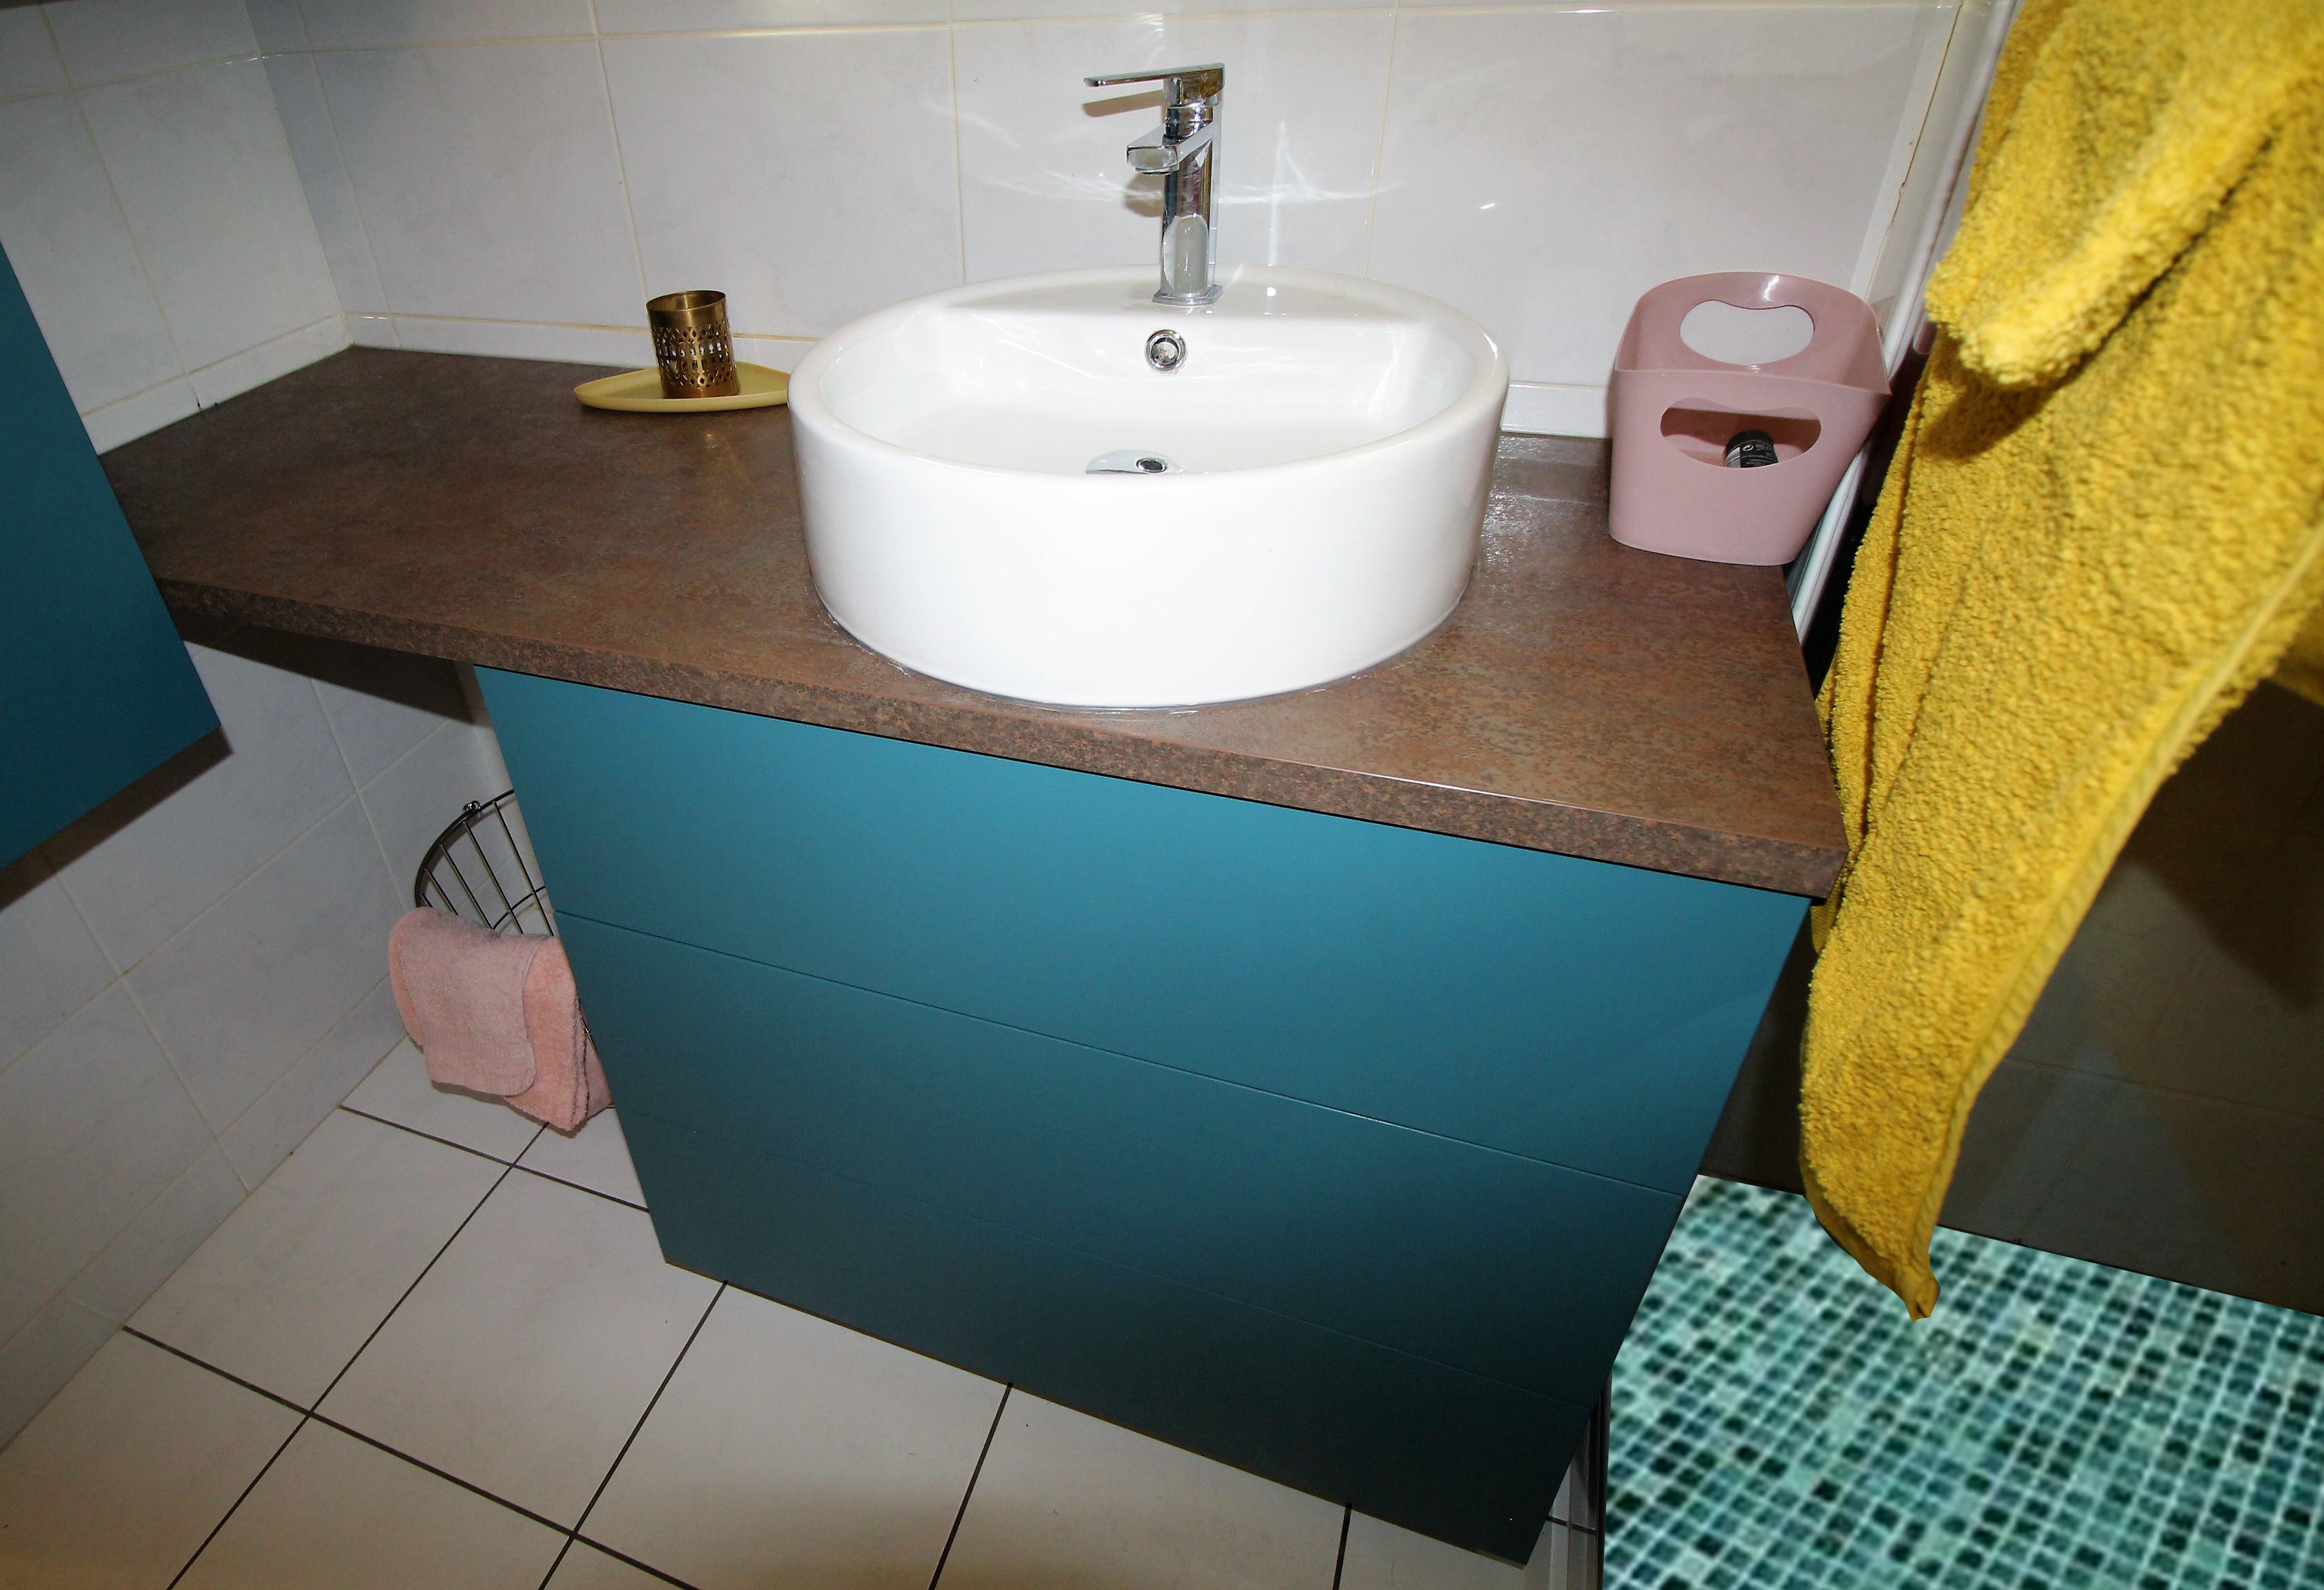 Couleur De L Emeraude rénovation d'une salle de bain couleur émeraude à sainte foy